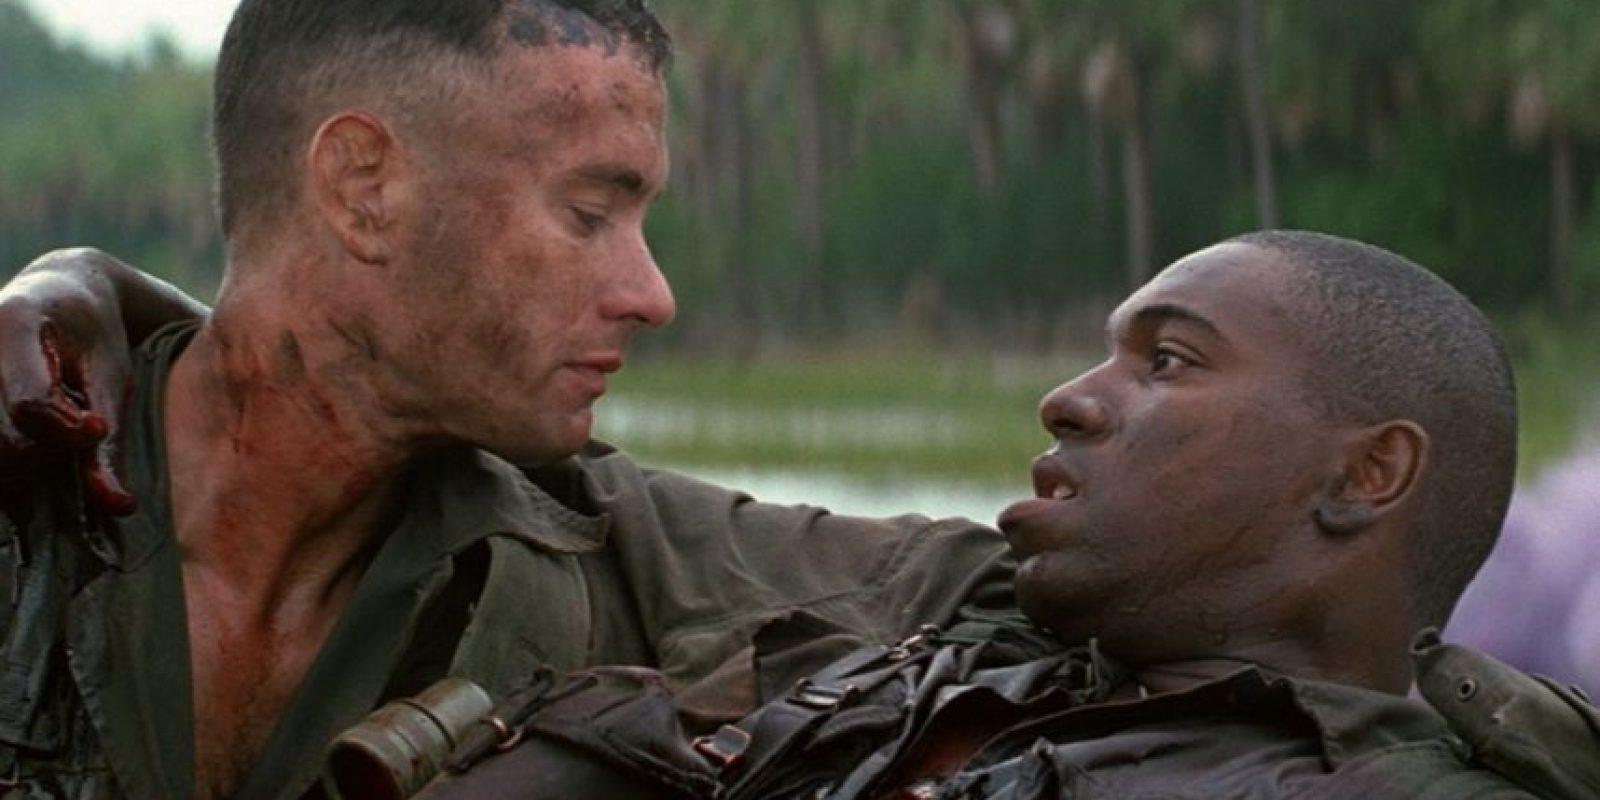 """La cinta """"Forrest Gump"""" está basada en la novela homónima del escritor Winston Groom. La película ganó en 1994 los Óscares a mejor película, mejor director, mejor actor, mejor guion adaptado, mejores efectos visuales y mejor montaje. Foto:Paramount Pictures"""